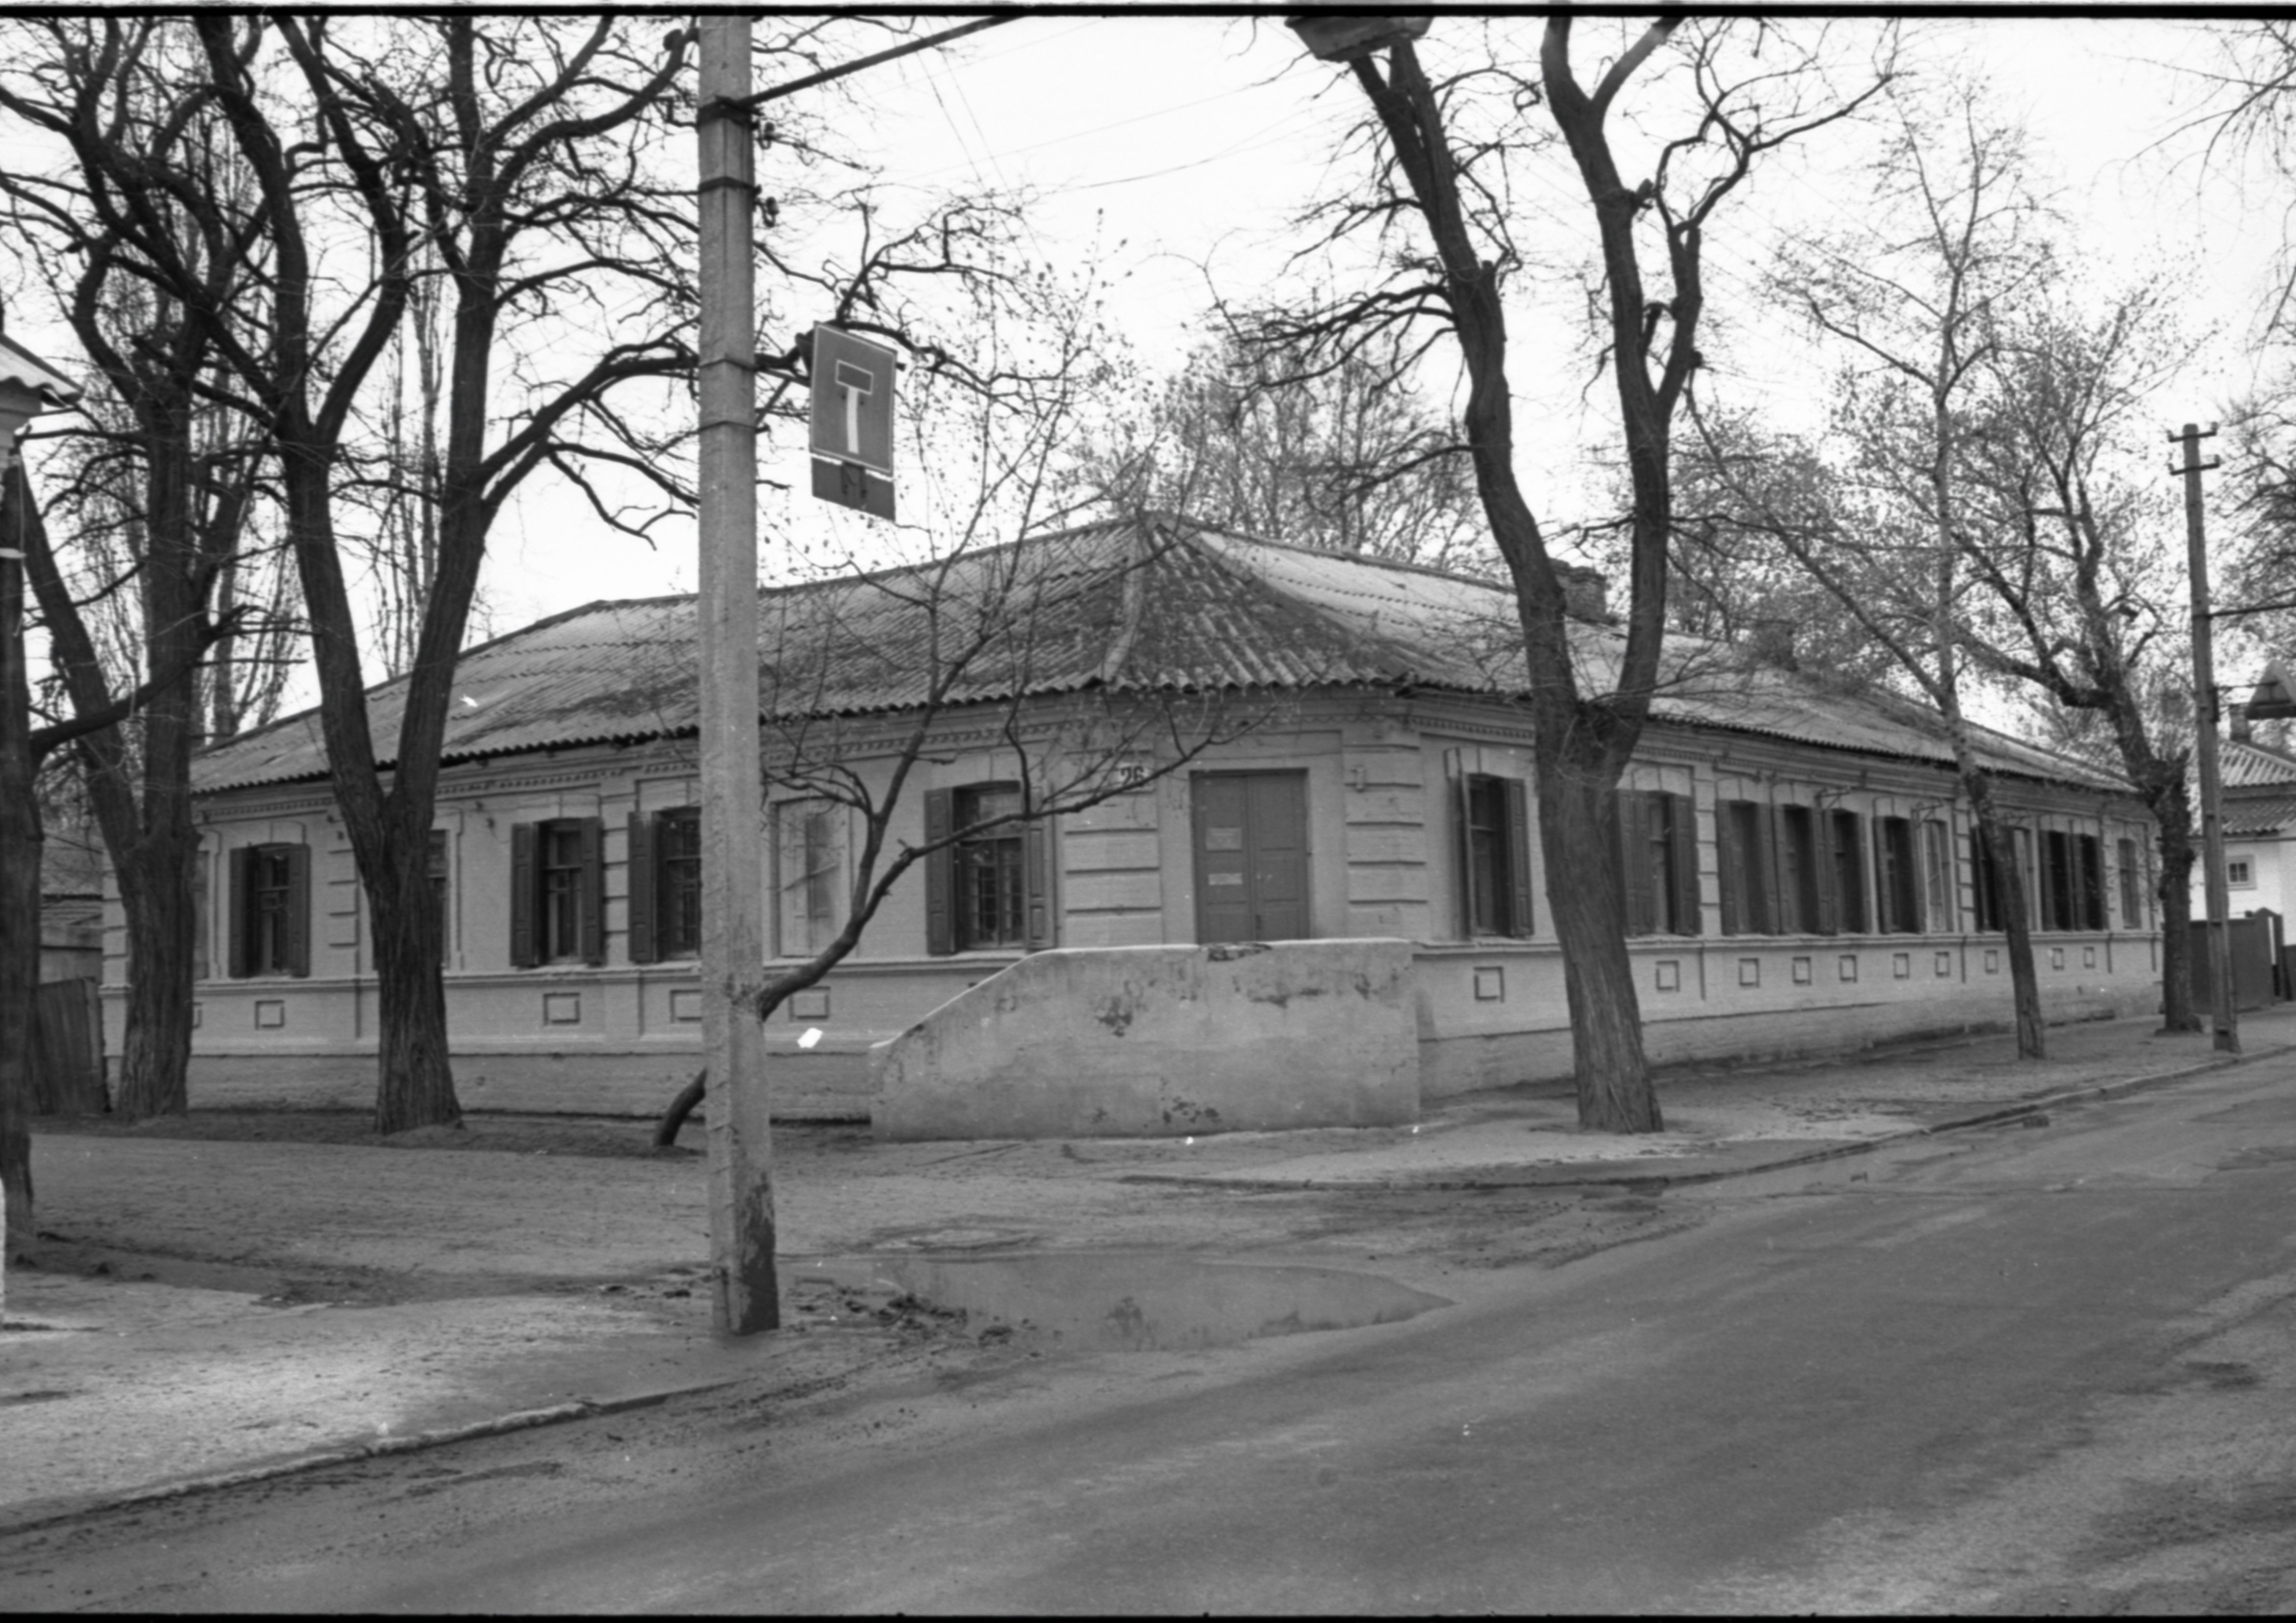 Будинок, збудований у 1909-1910 рр. на розі Короленківської та Пушкінської. 1978 р.